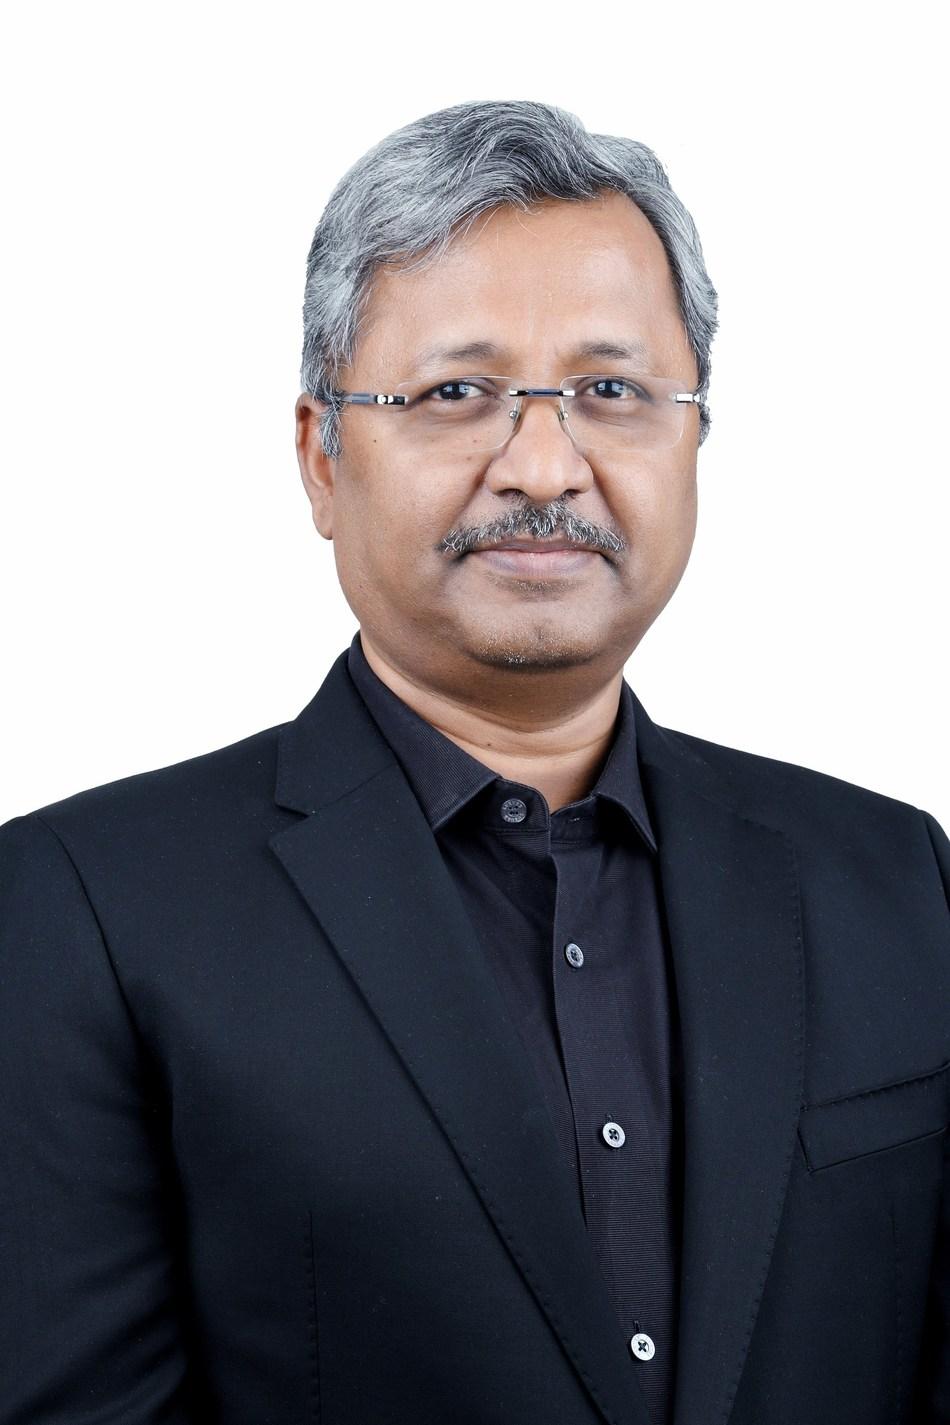 Jaya Kumar K (PRNewsfoto/Sabre)